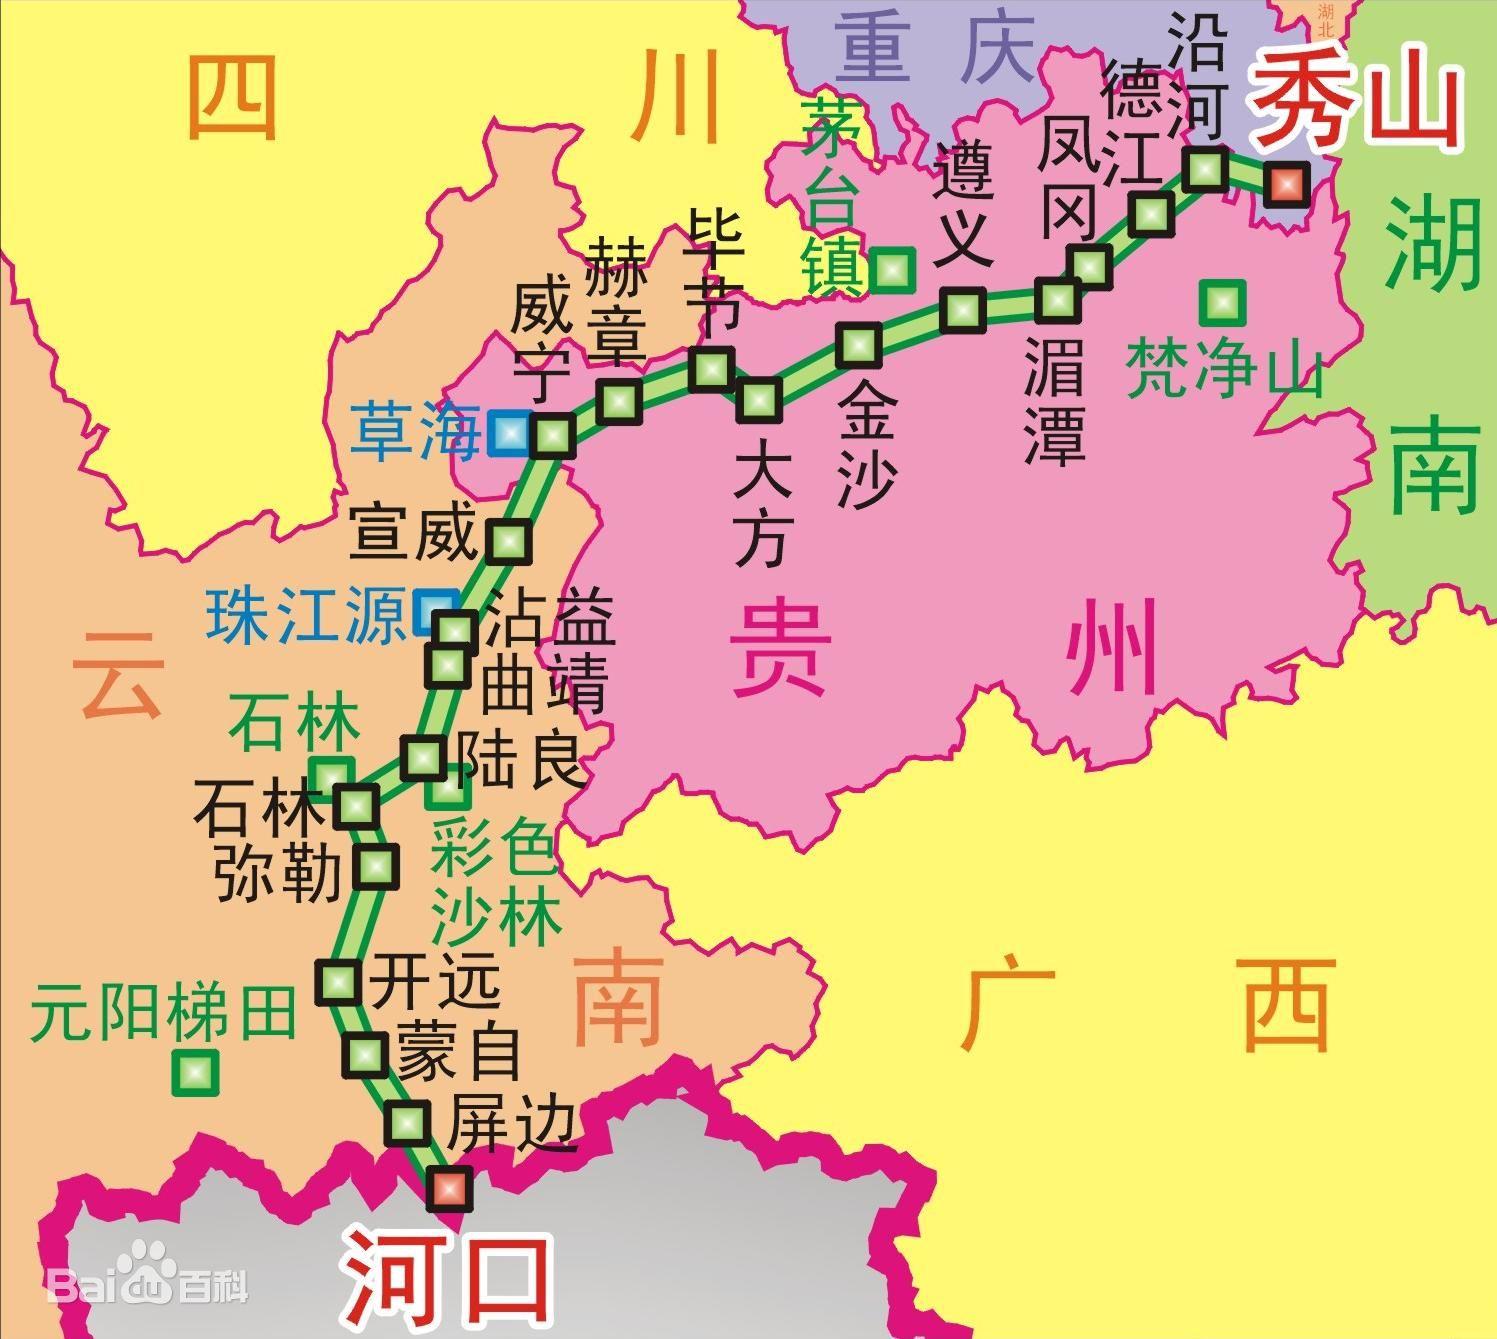 108省道全程线路图